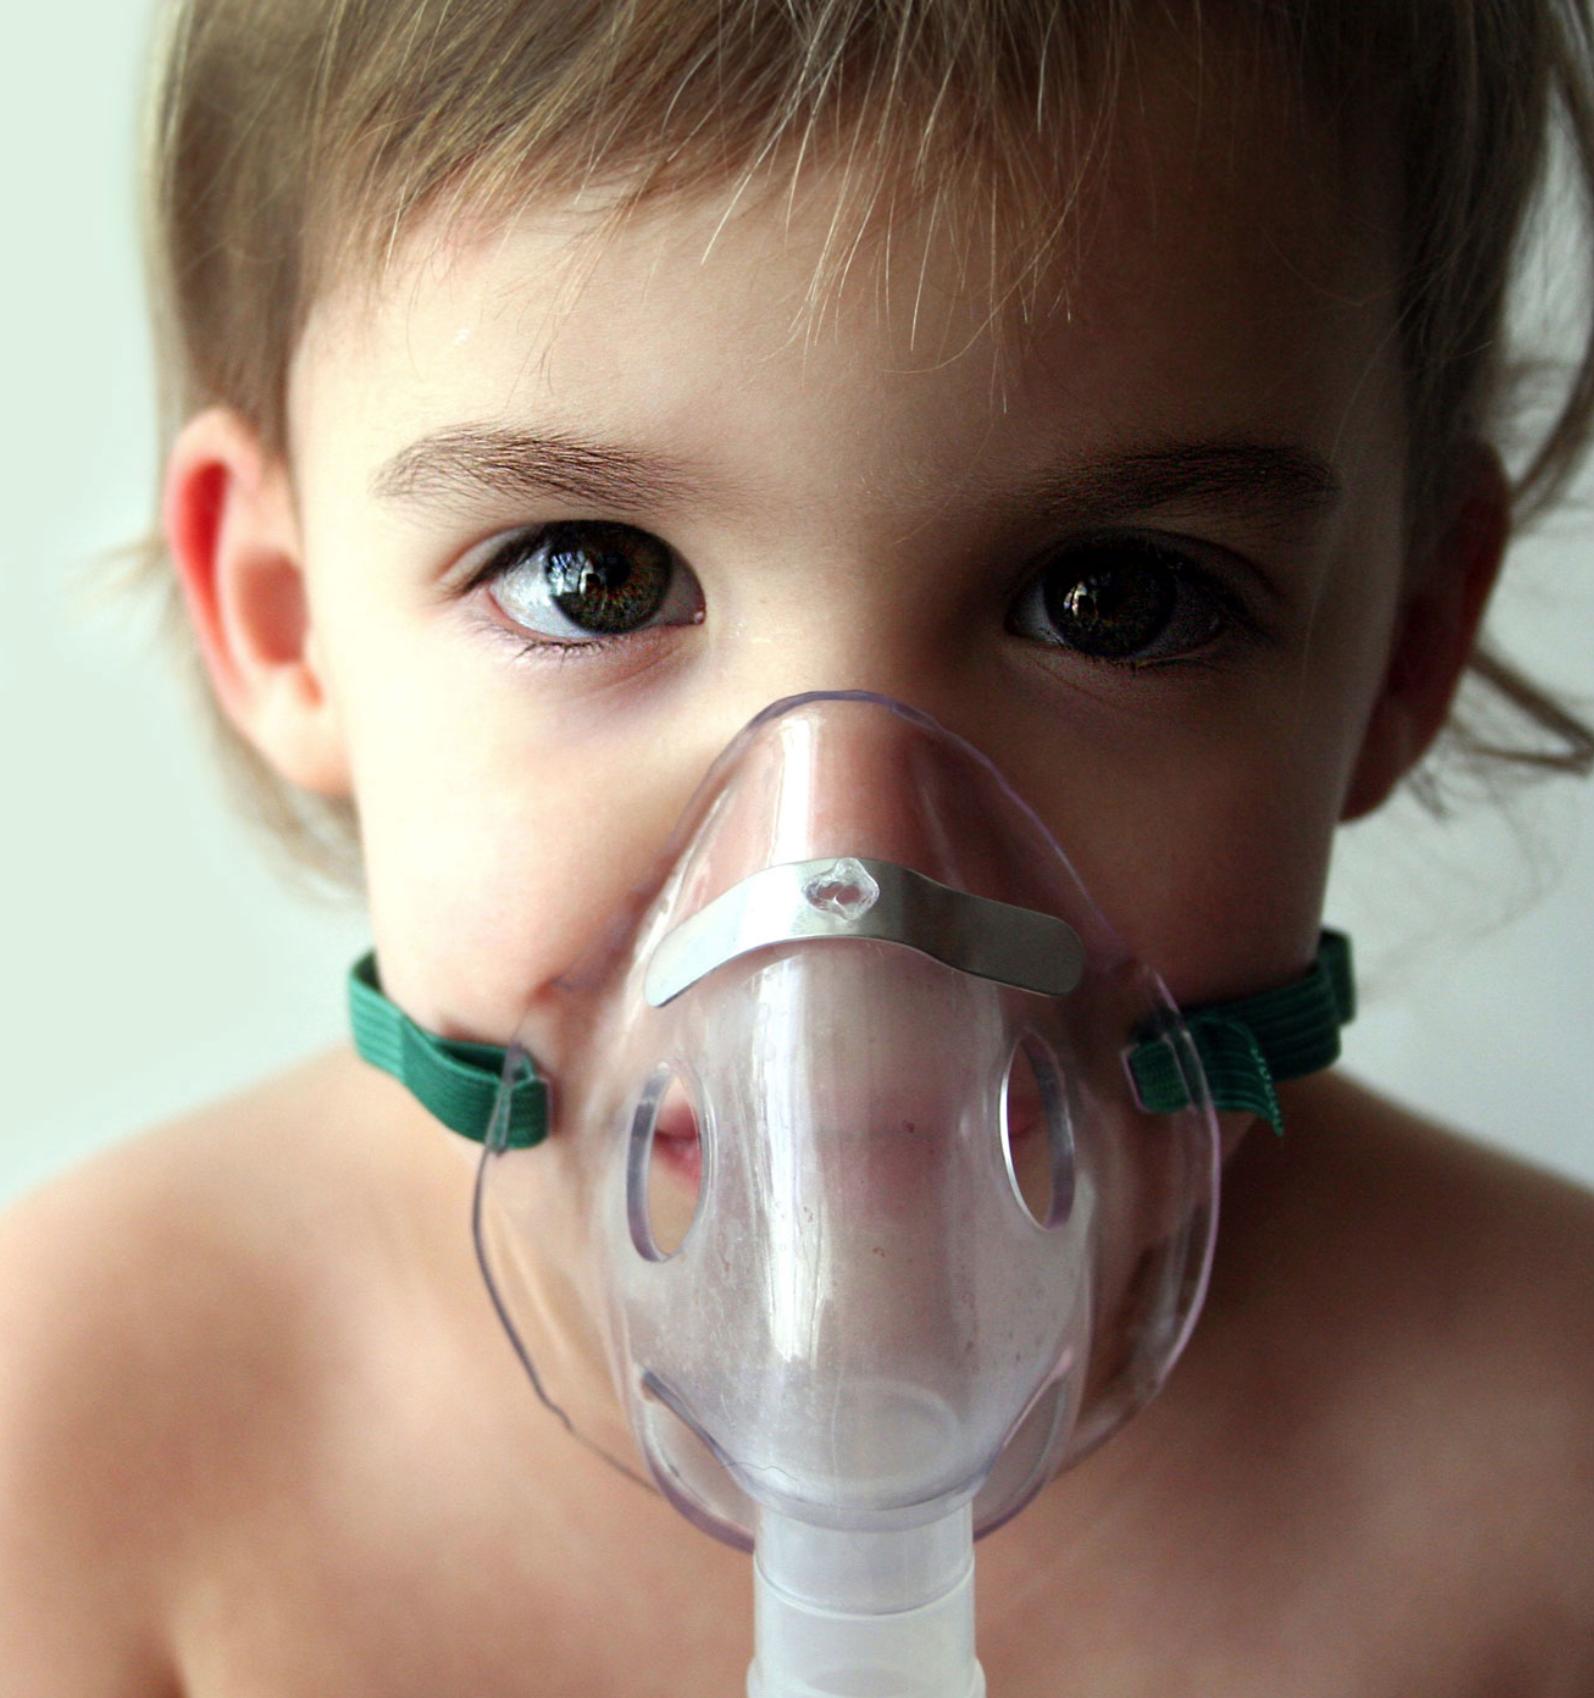 Wat is SKIC? - De Stichting Kinder IC zet zich in voor het levensbedreigend zieke kind, dat op een kinder intensive care afdeling in één van de zeven academische ziekenhuizen in Nederland vecht voor zijn/haar leven.